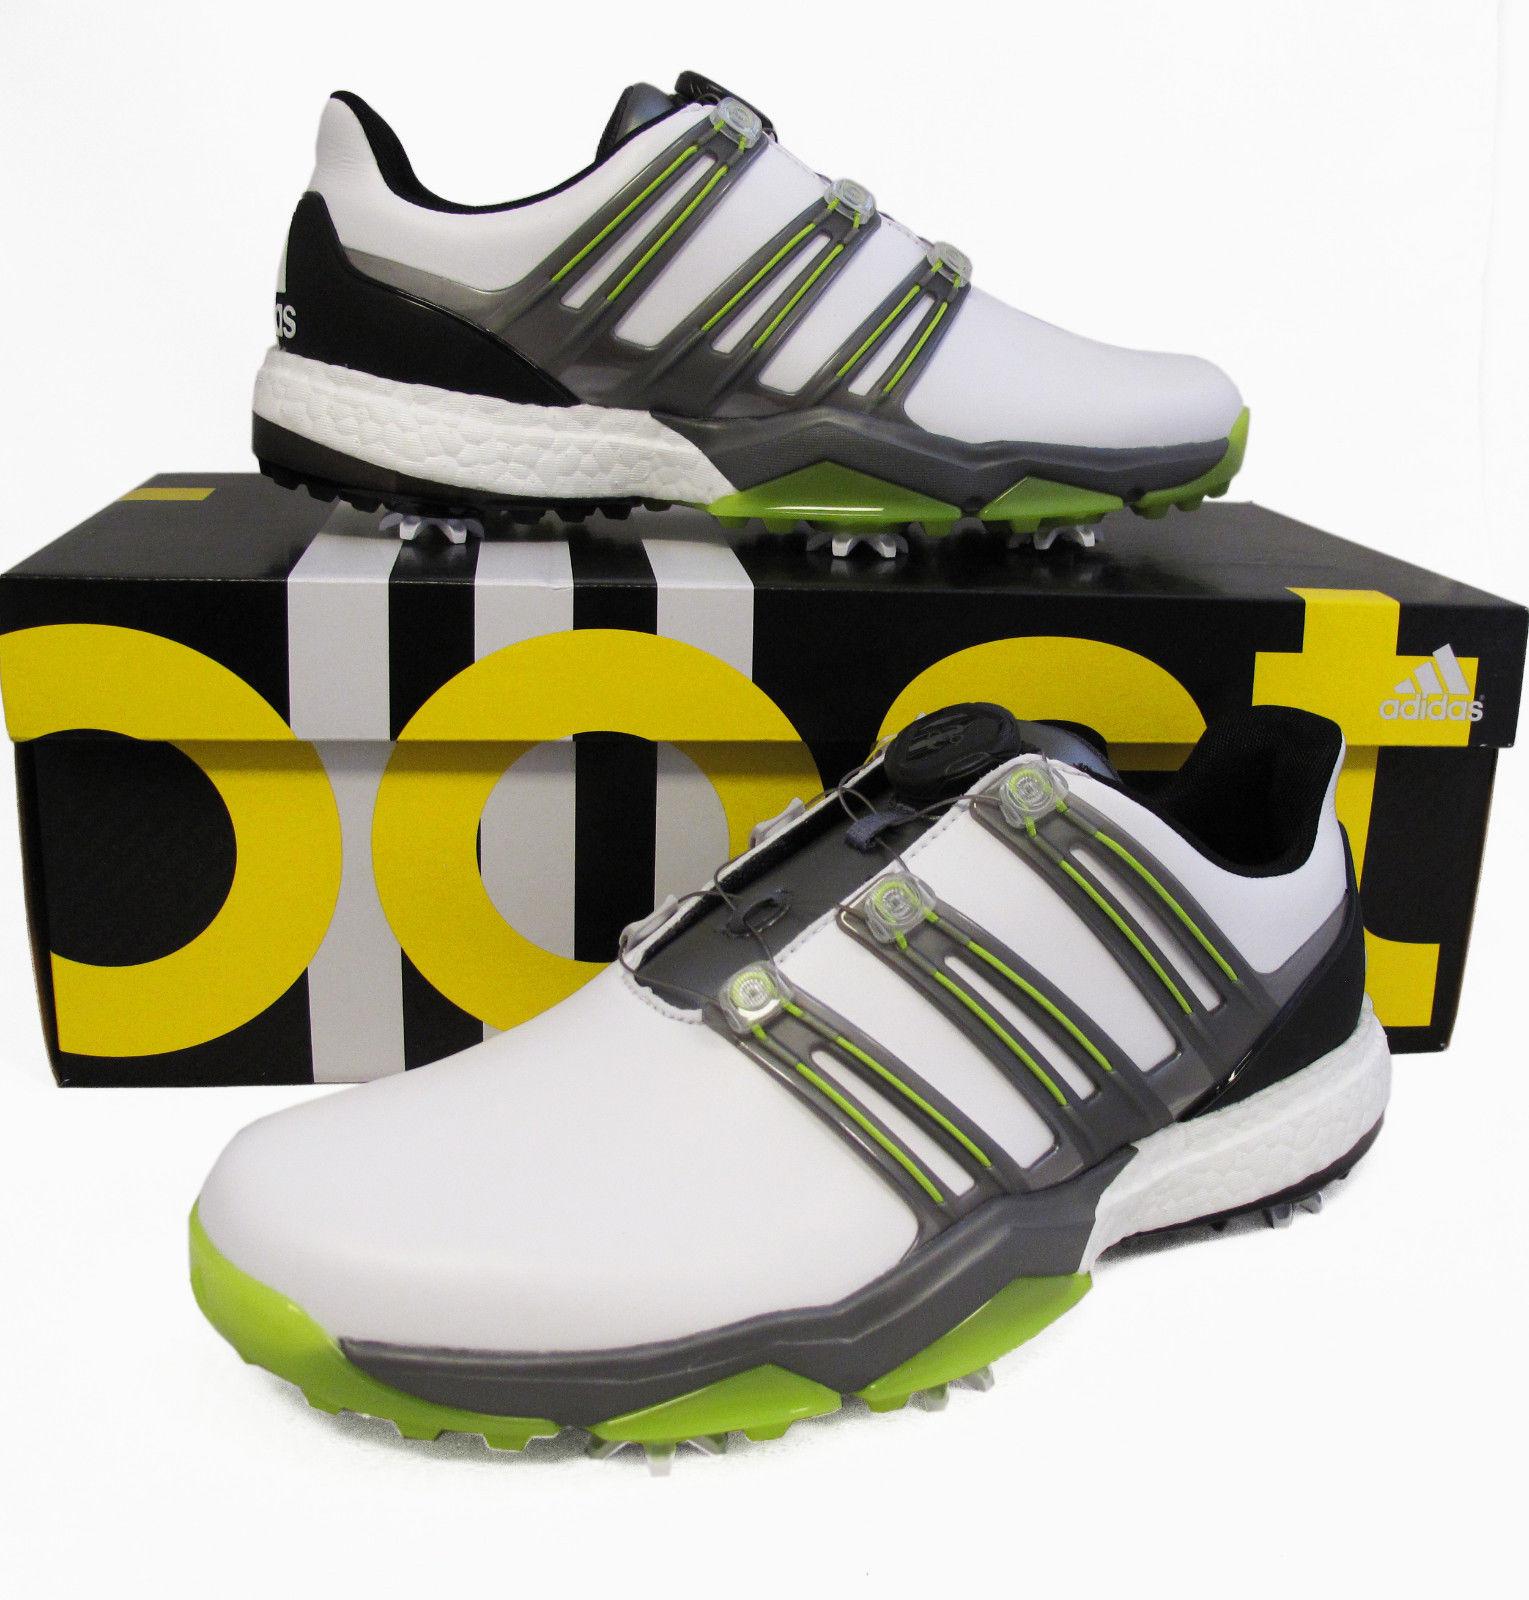 美国代购Adidas阿迪达斯专业BOA高尔夫球鞋男 Q44848防水防滑舒适